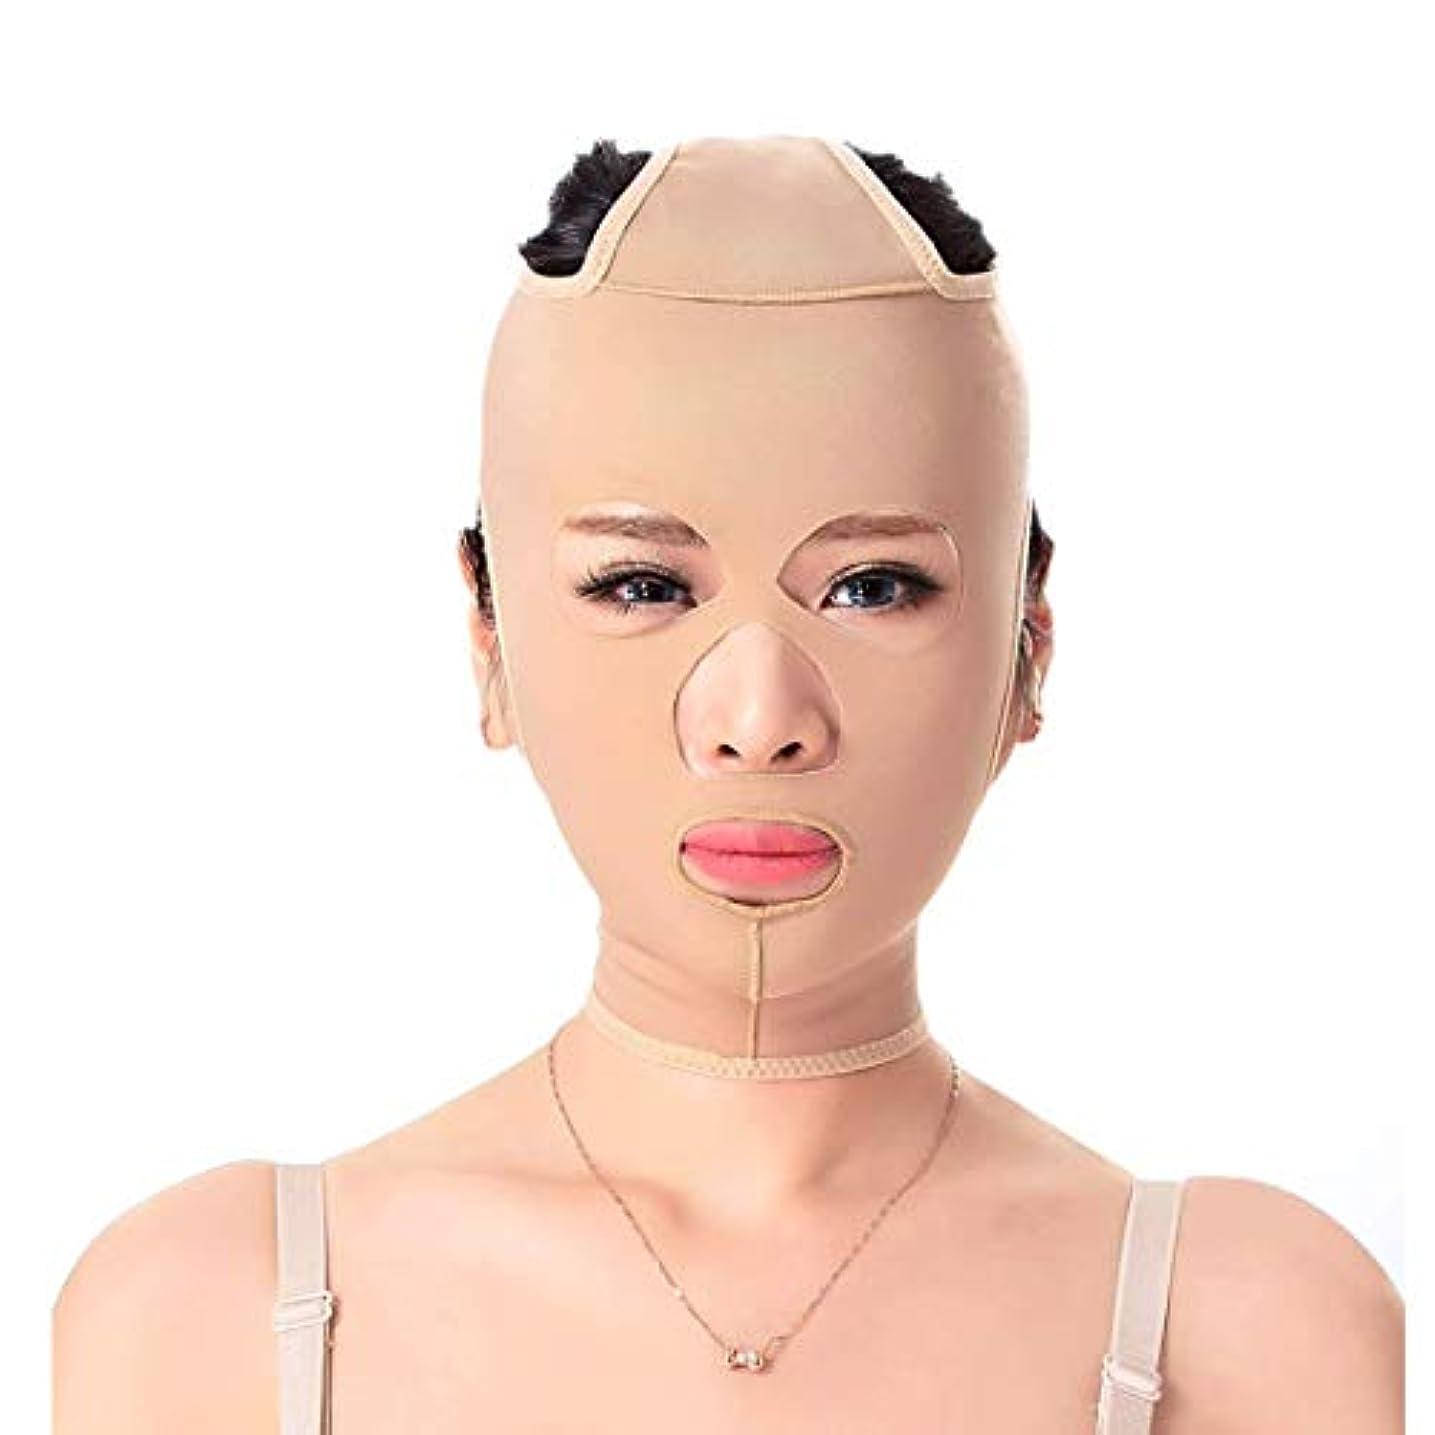 ショルダーイタリアの校長スリミングベルト、二重あごの引き締め顔面プラスチック顔アーティファクト強力な顔の包帯を脇に持ち上げるパターンを欺くためのフェイシャルマスク薄いフェイスマスク(サイズ:XXL),M